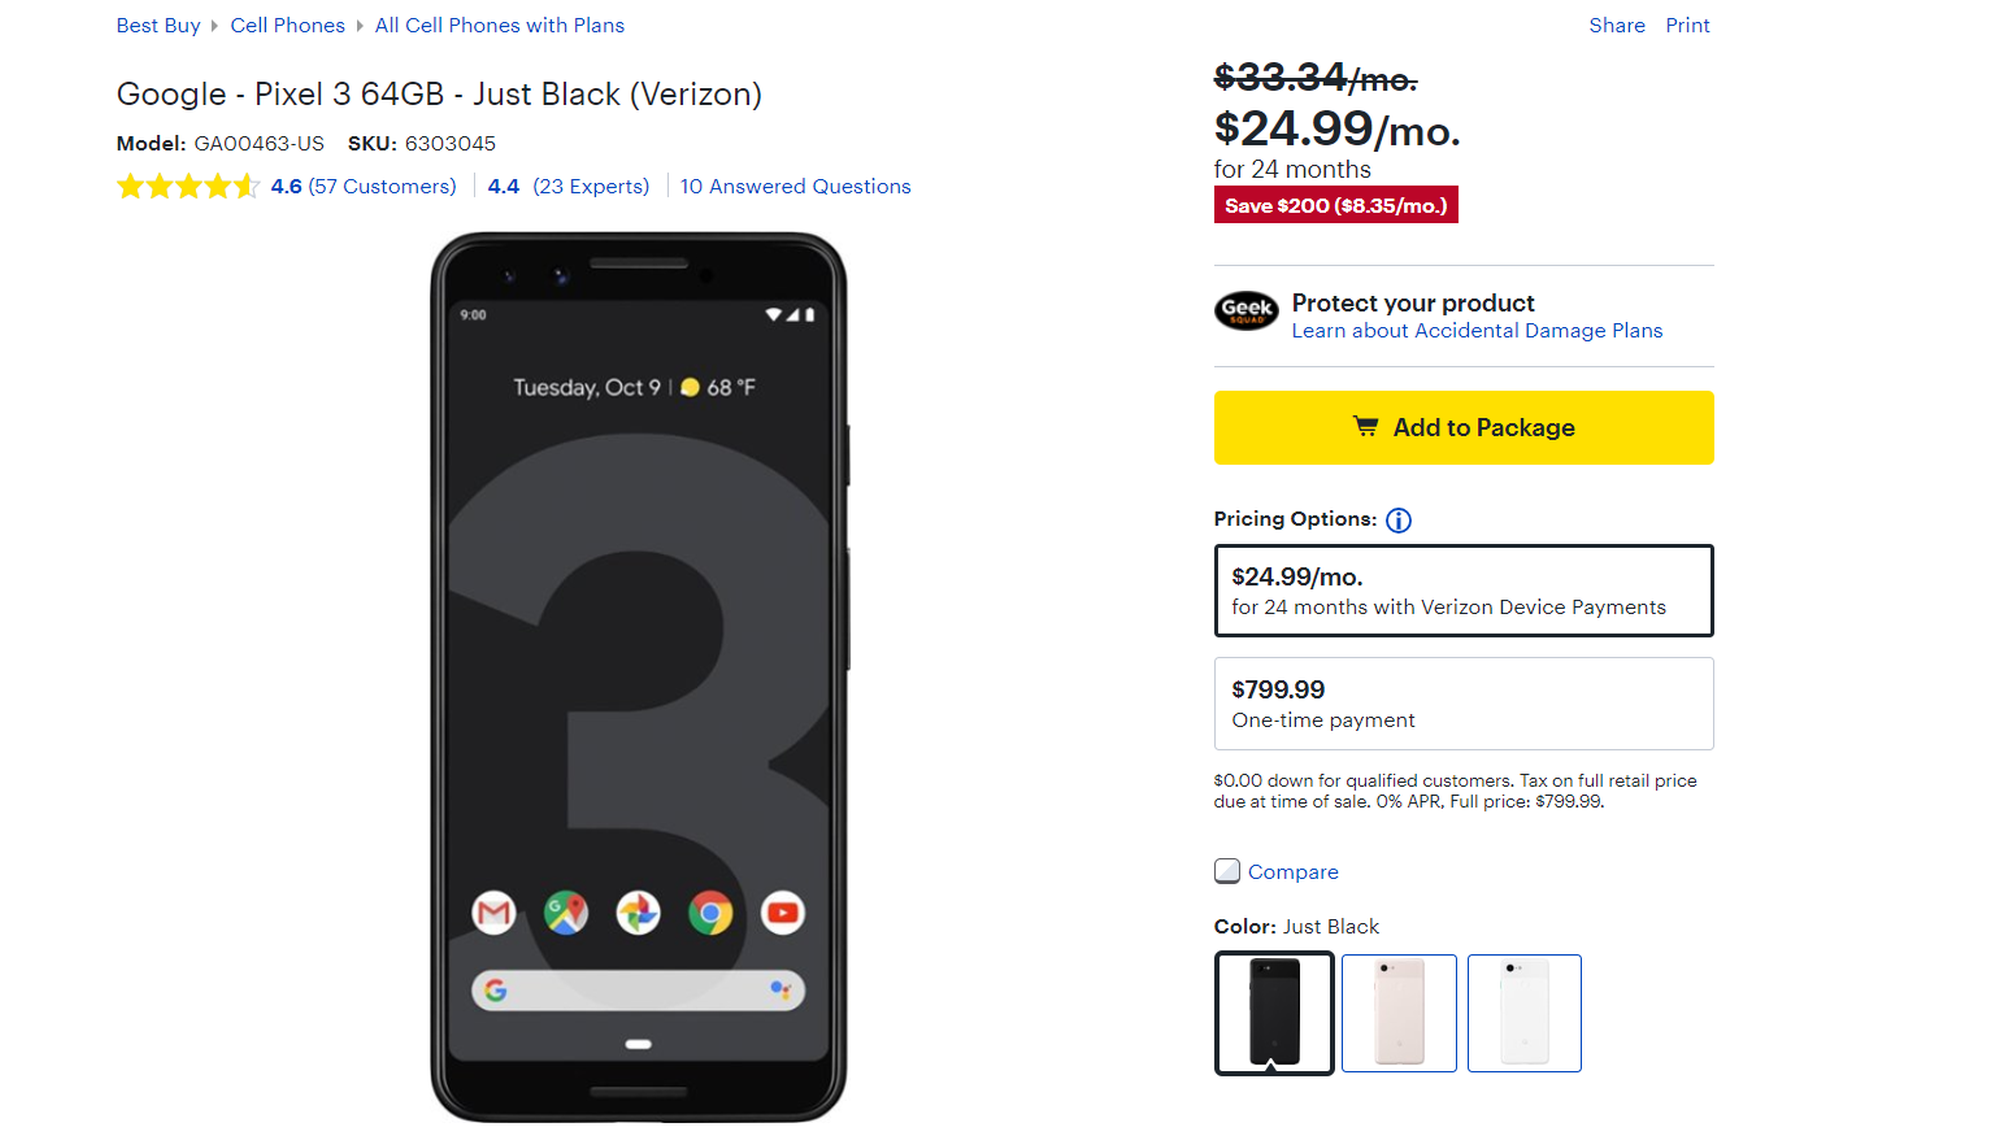 Best buy offering $200 discount on Pixel 3, Pixel 3 XL and $400 discount on Pixel 2 XL